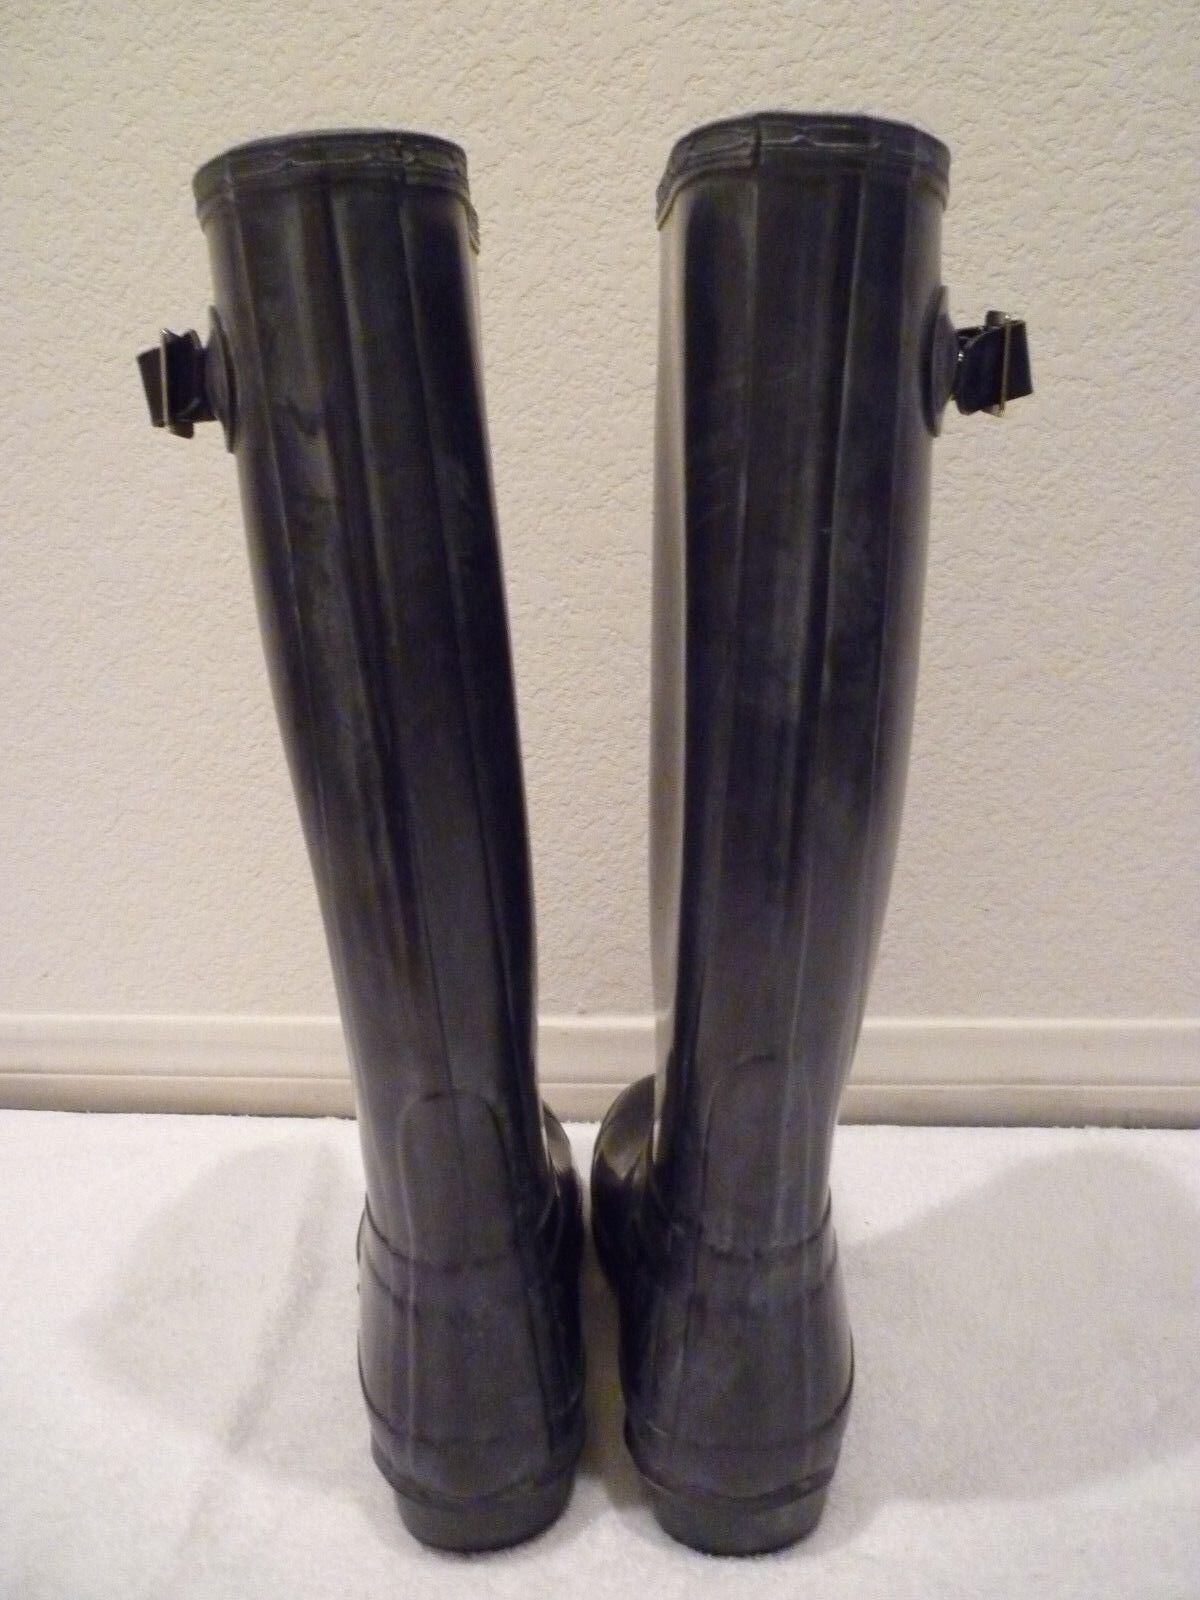 HUNTER HUNTER HUNTER RAIN Stiefel Wellies Original Gloss-Blau lila  SZ 4M 5F 8be743